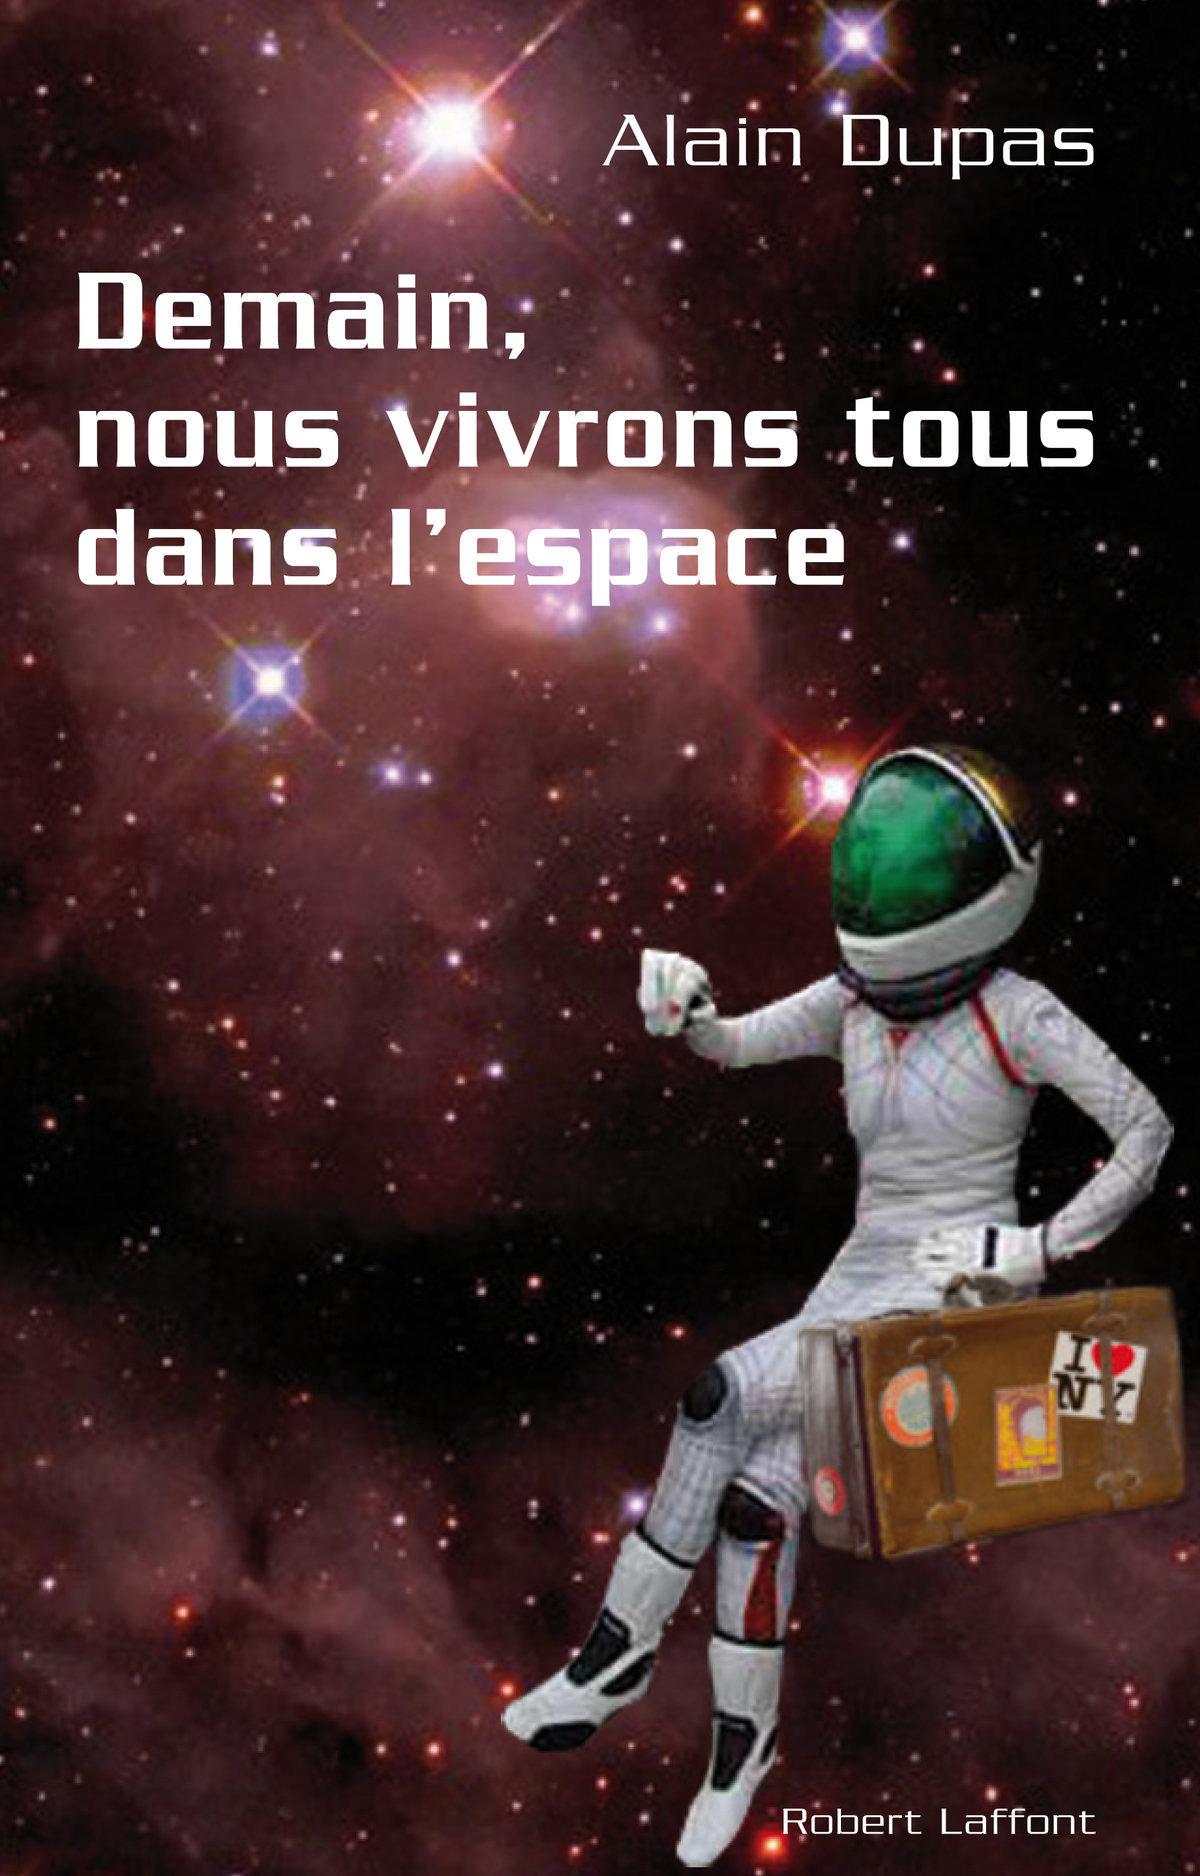 Demain, nous vivrons tous dans l'espace | DUPAS, Alain